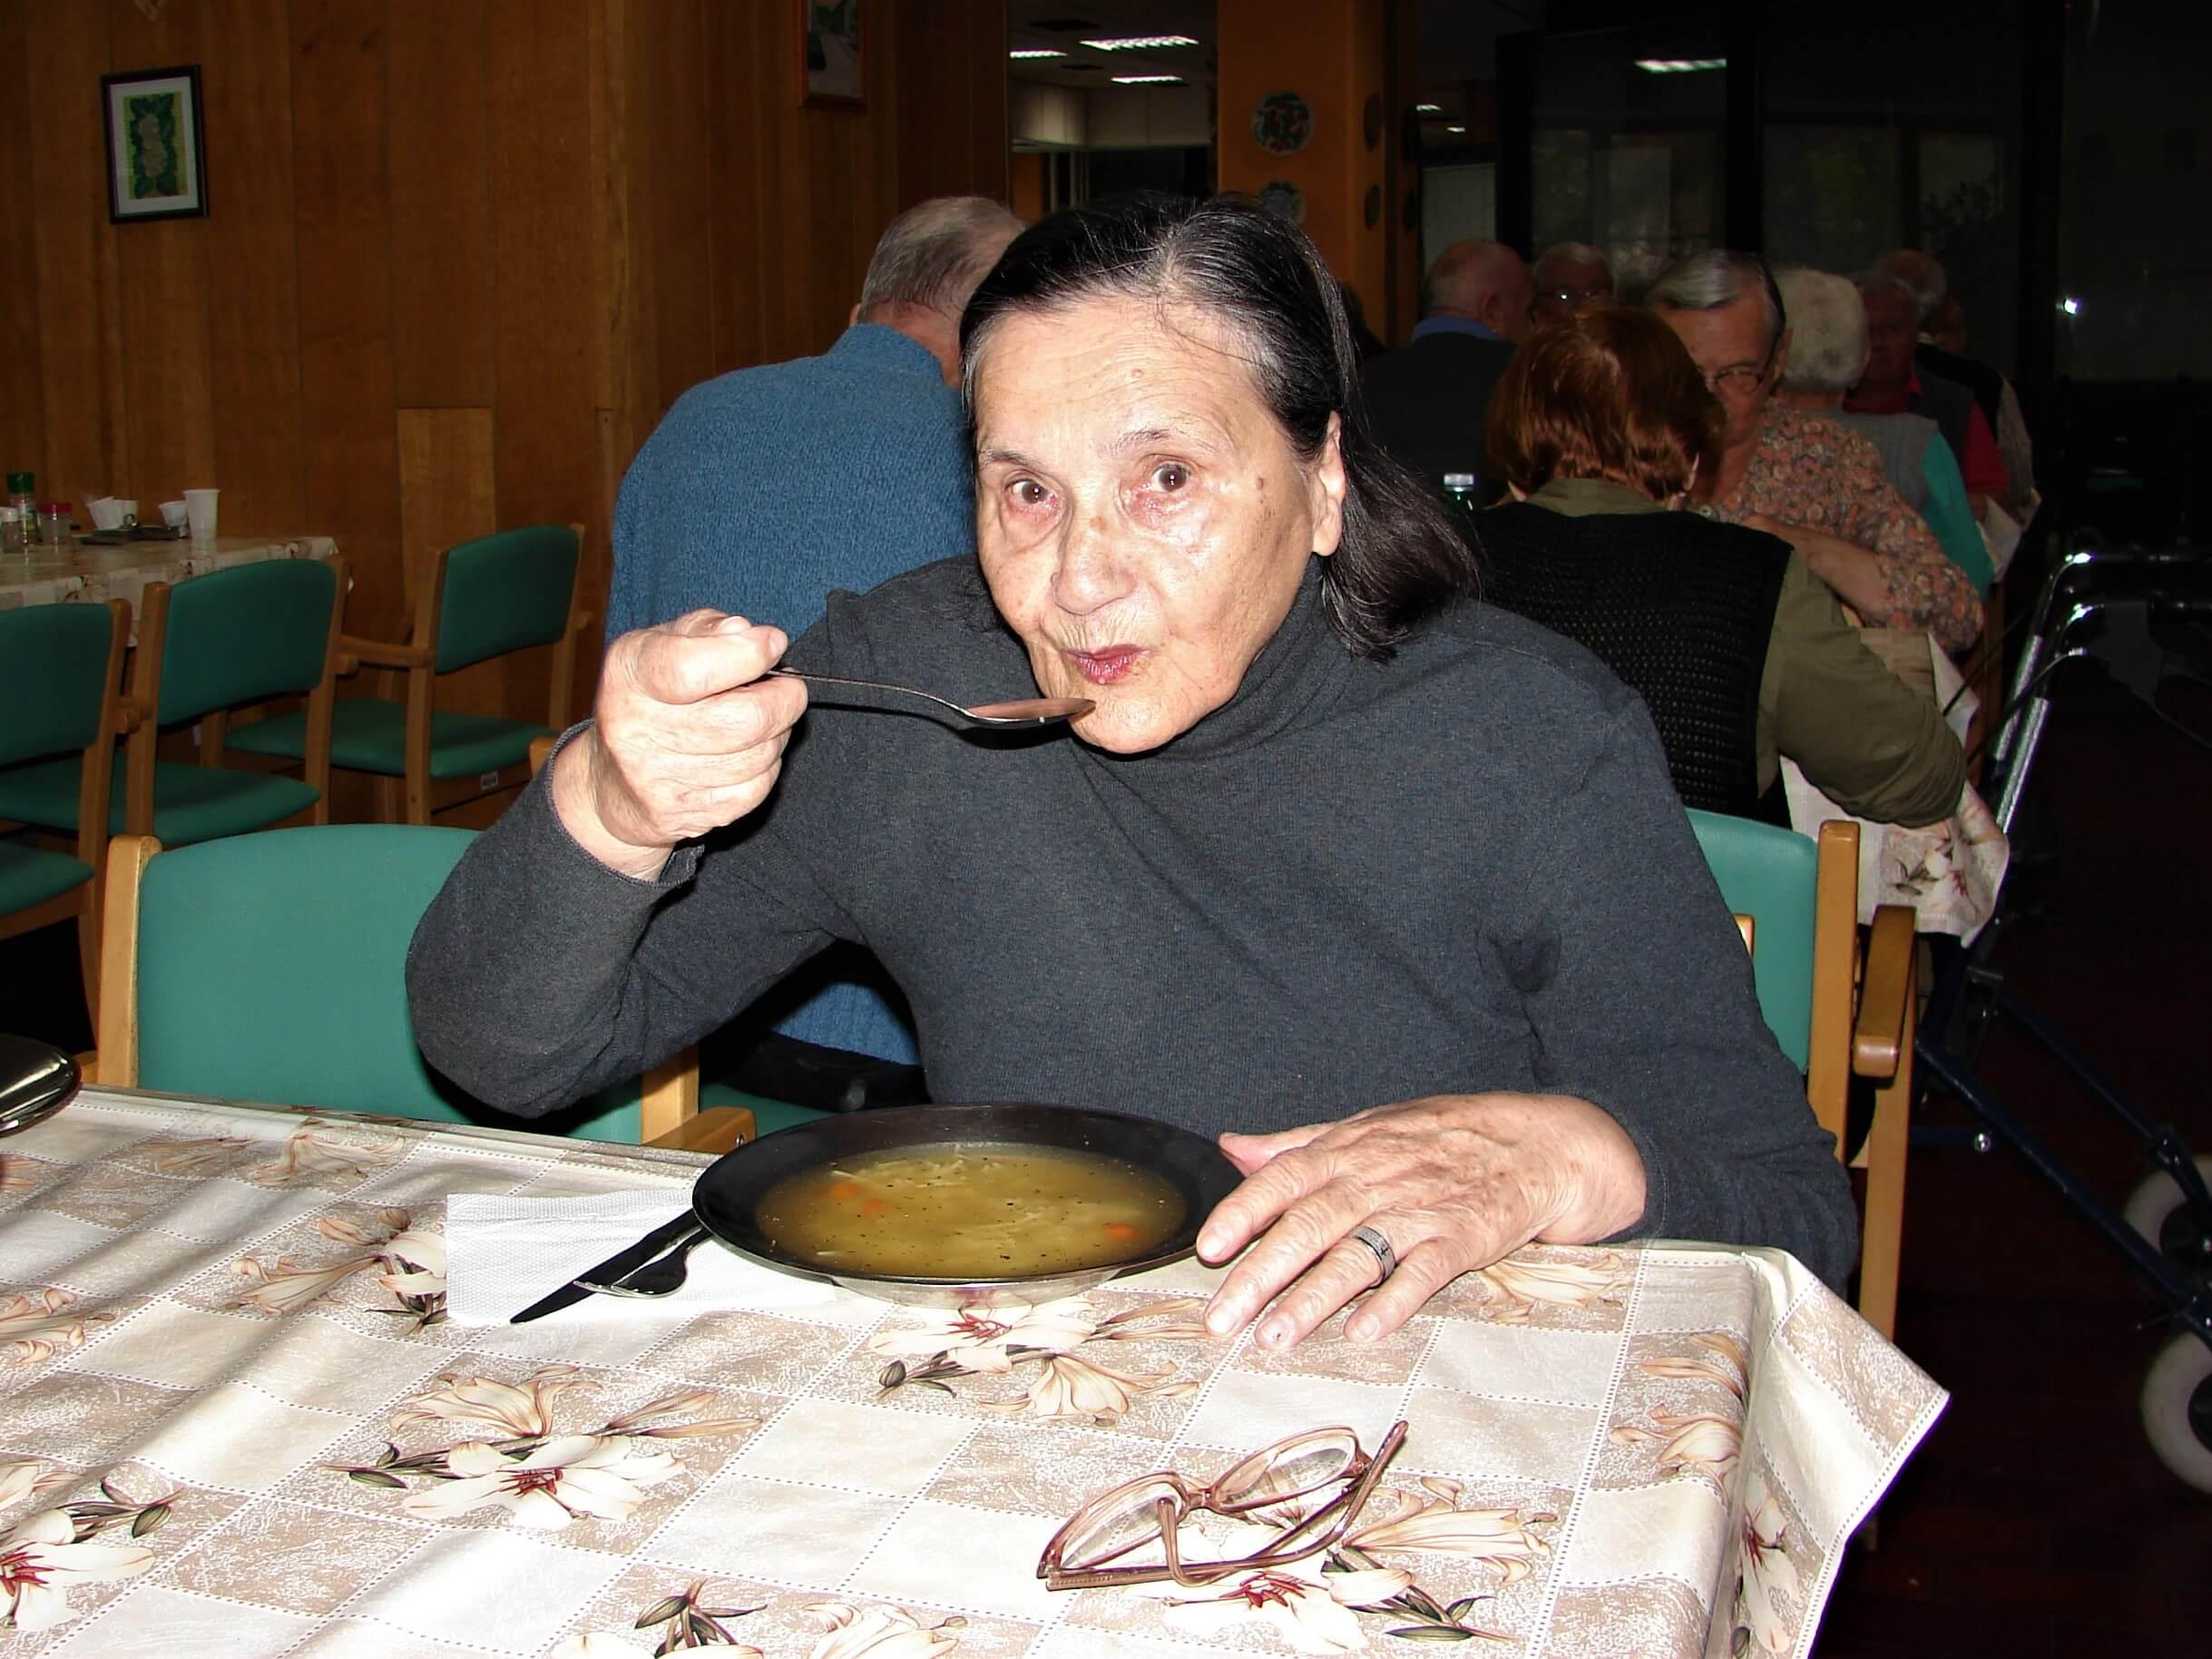 Istražili smo kako se jede u staračkom domu: Kuha se 'po domaće', porcije su velike, a ukusi različiti